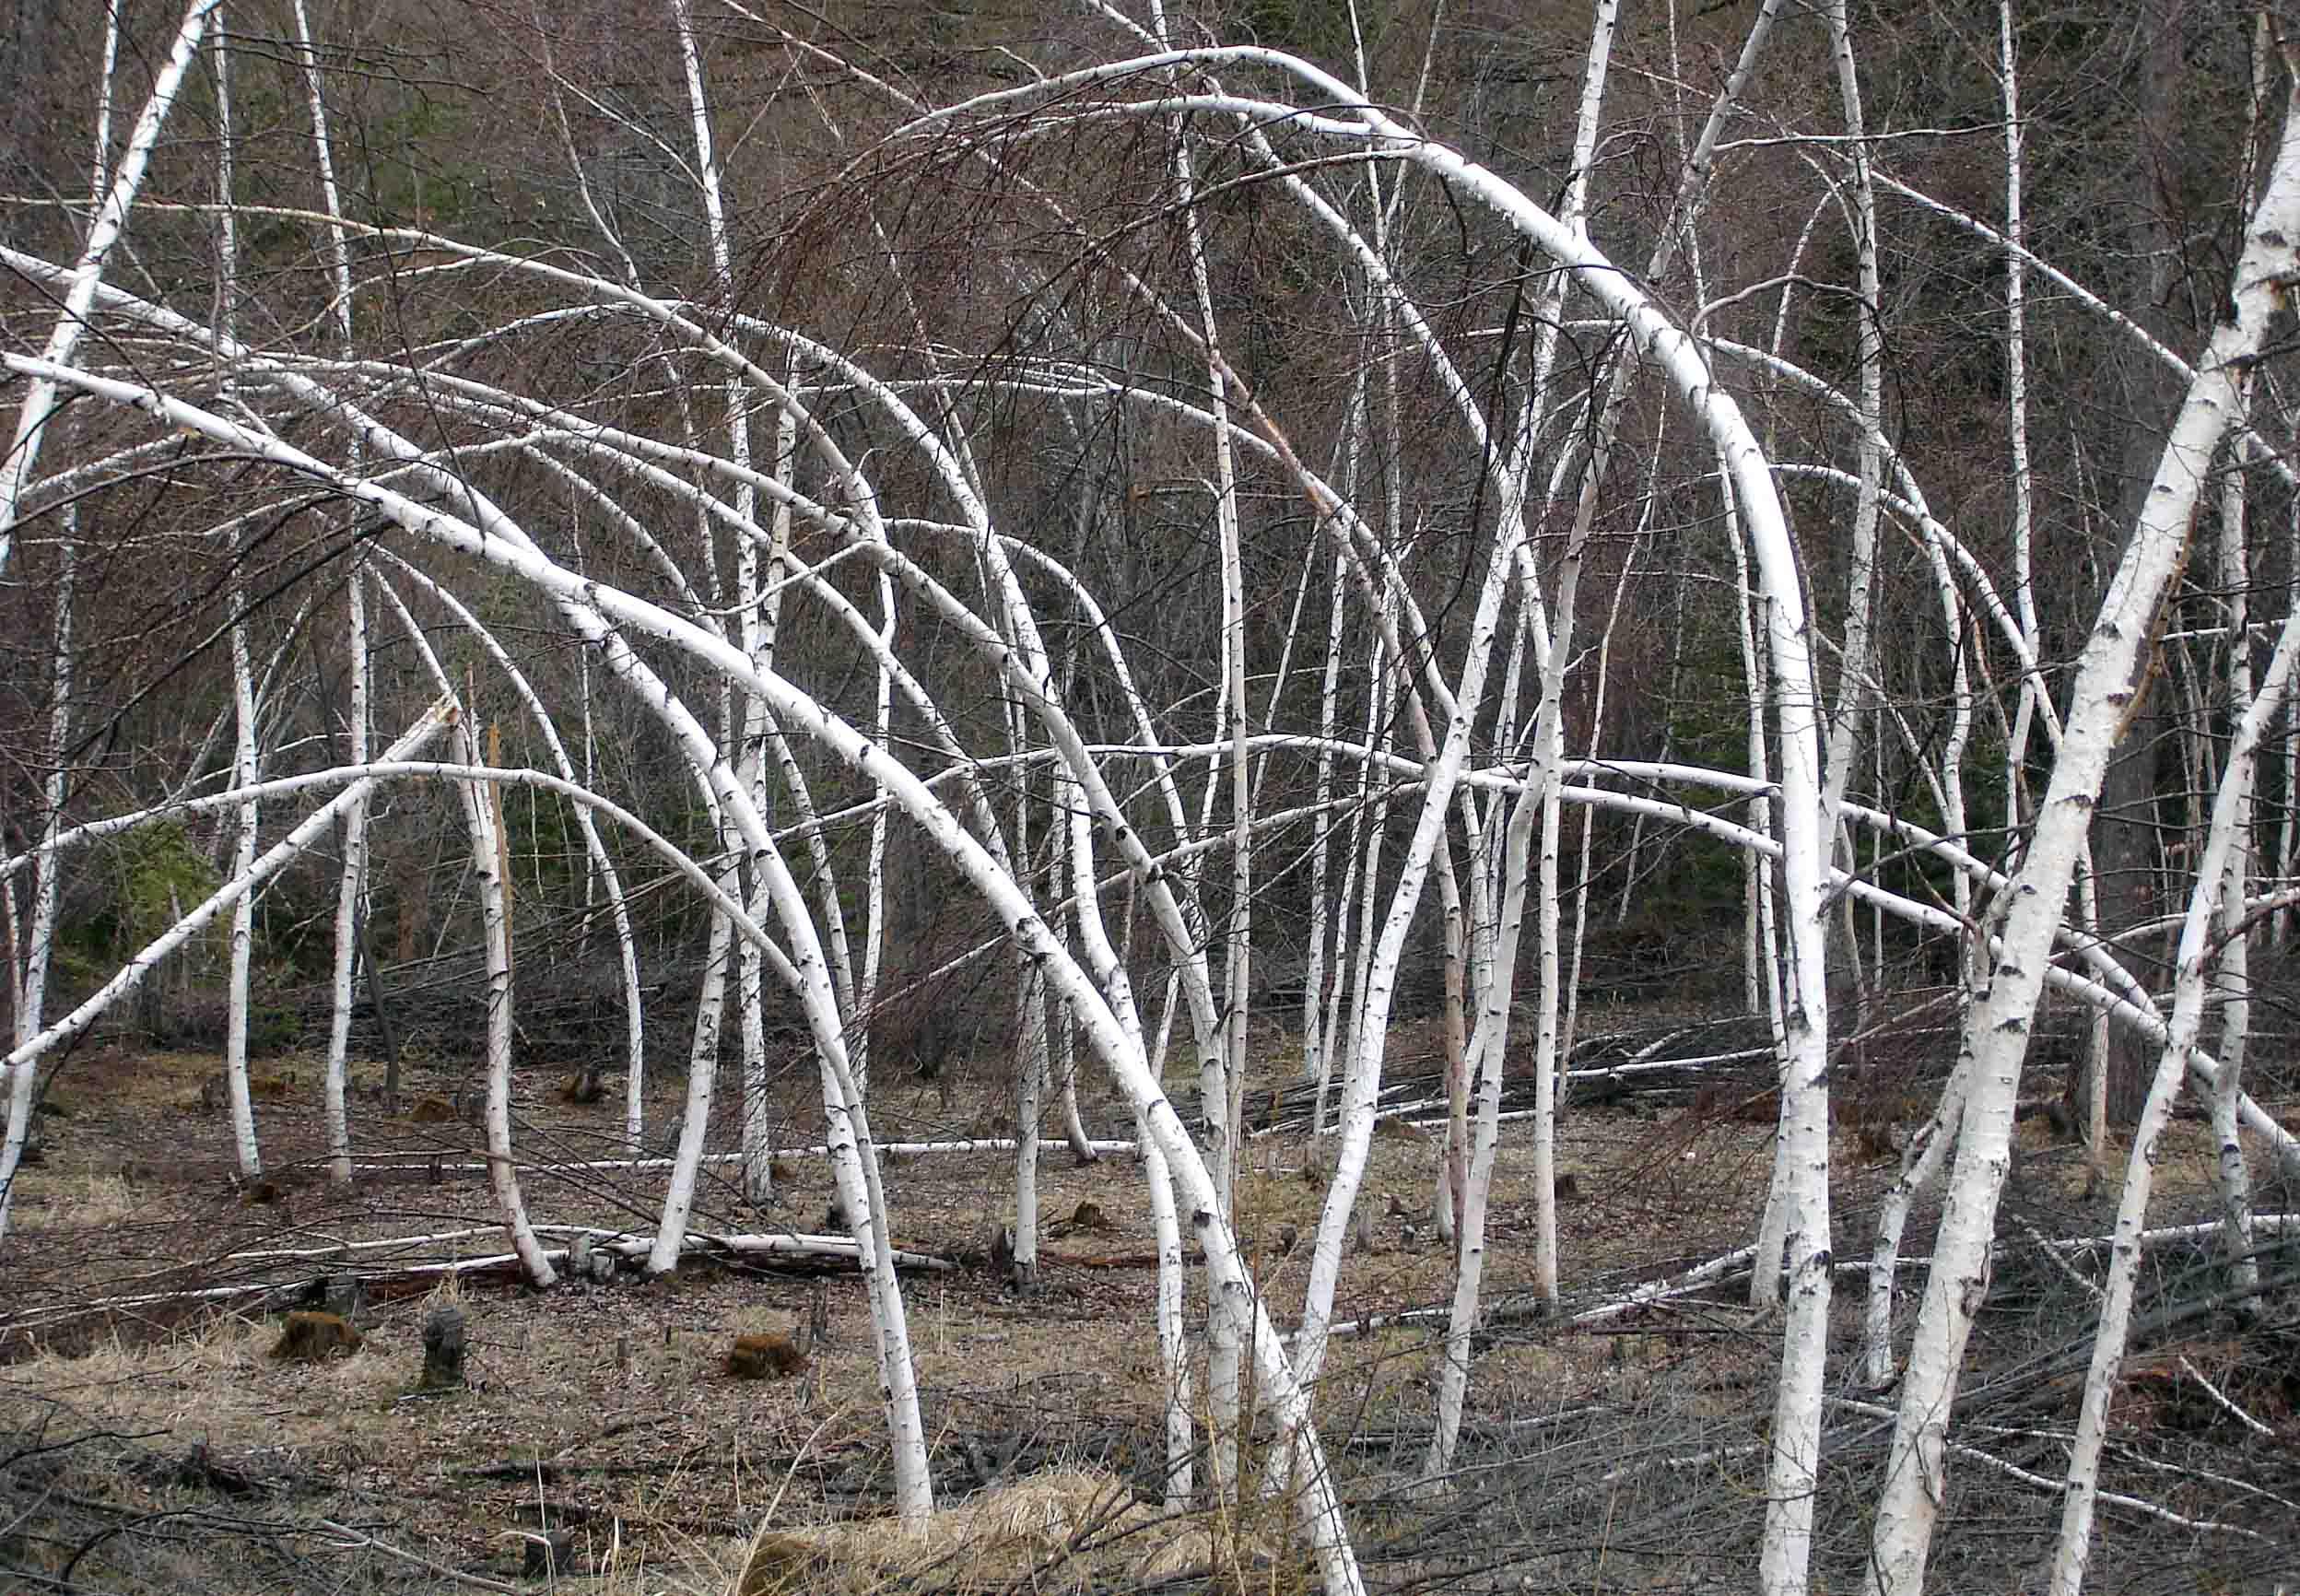 湿雪での雪害を受けた白樺樹③